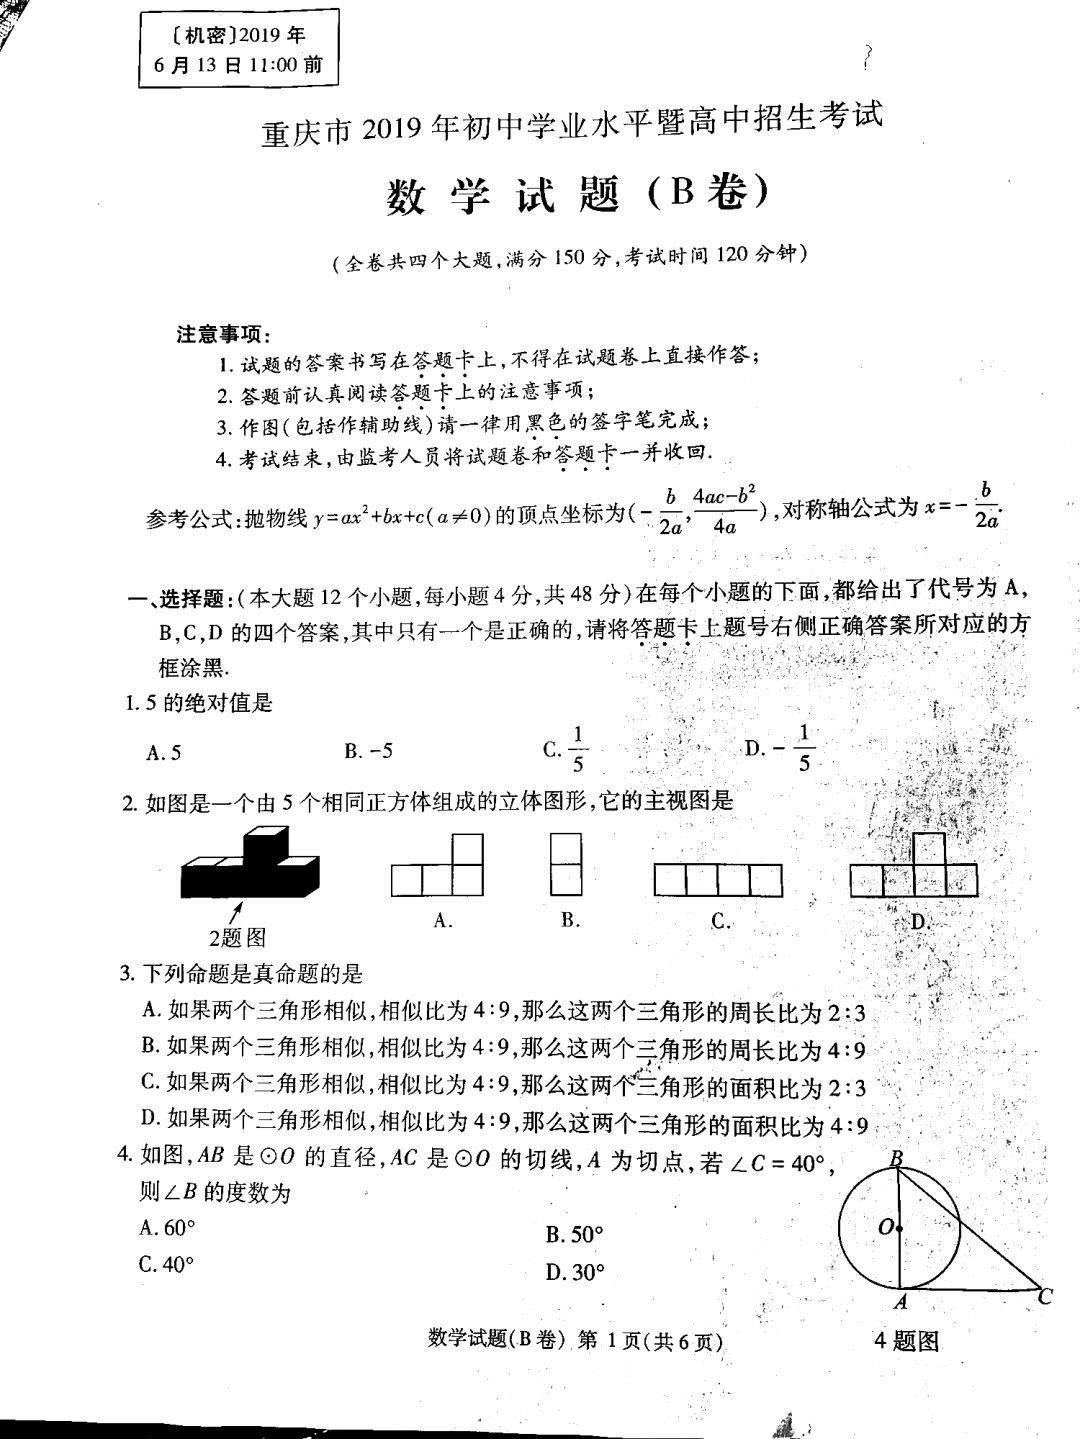 2019重庆B卷中考数学试题及答案解析